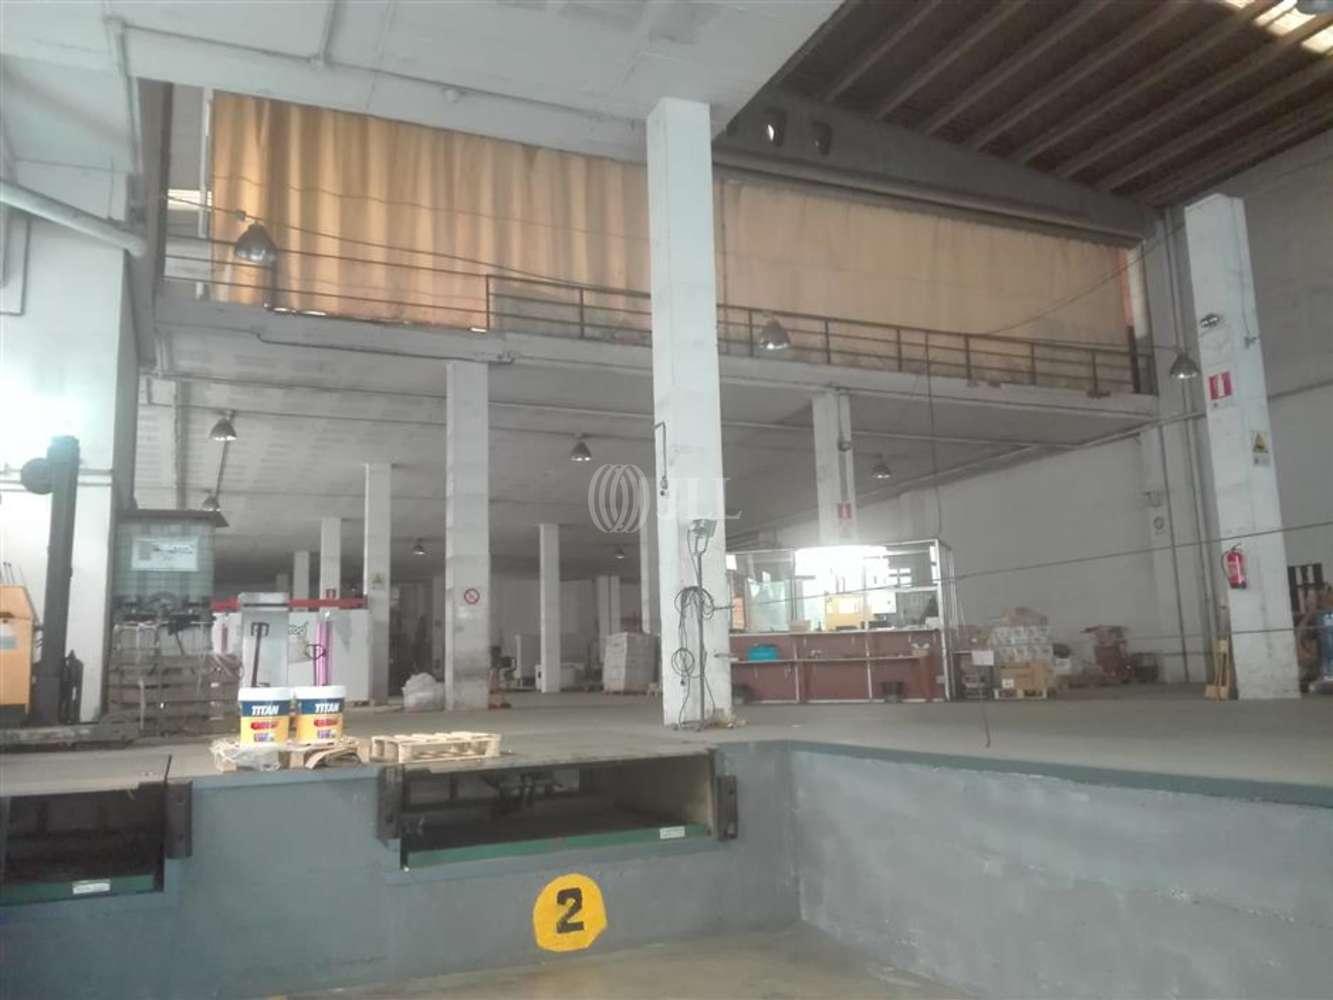 Naves industriales y logísticas Barcelona, 8020 - B0378 - PI 22